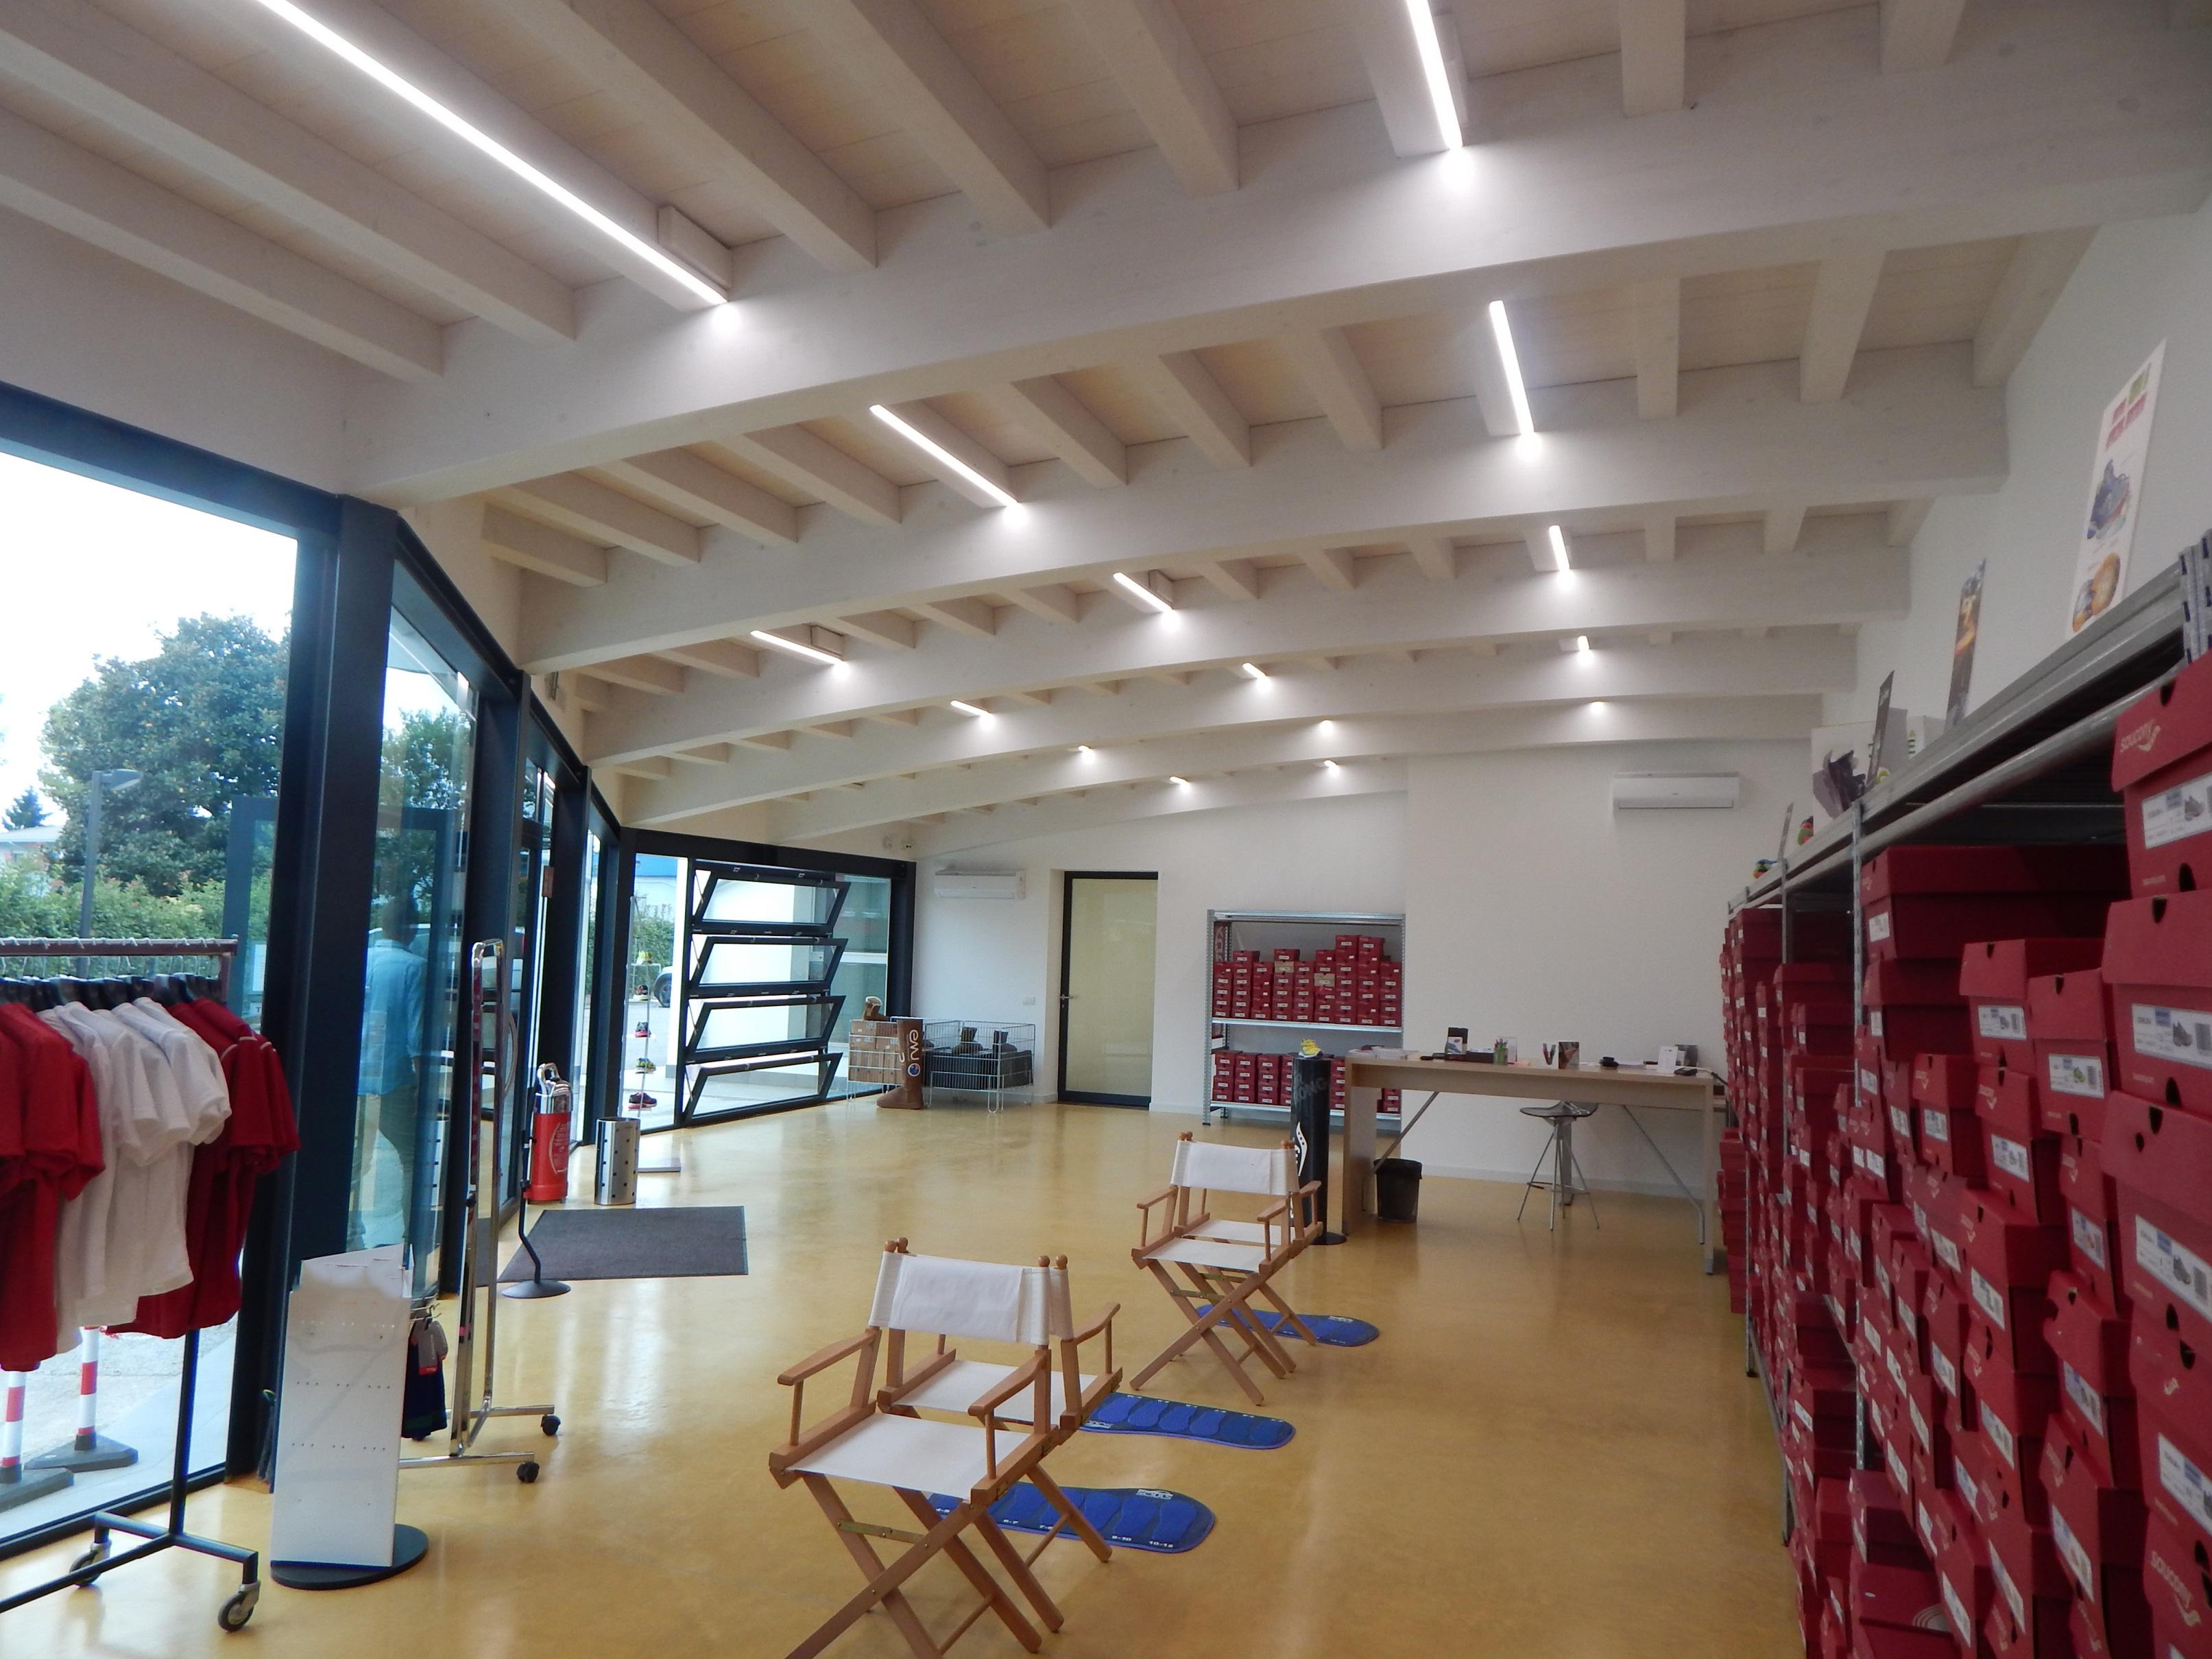 Foto Di Soffitti Con Travi In Legno : Illuminazione per soffitti travi legno happycinzia